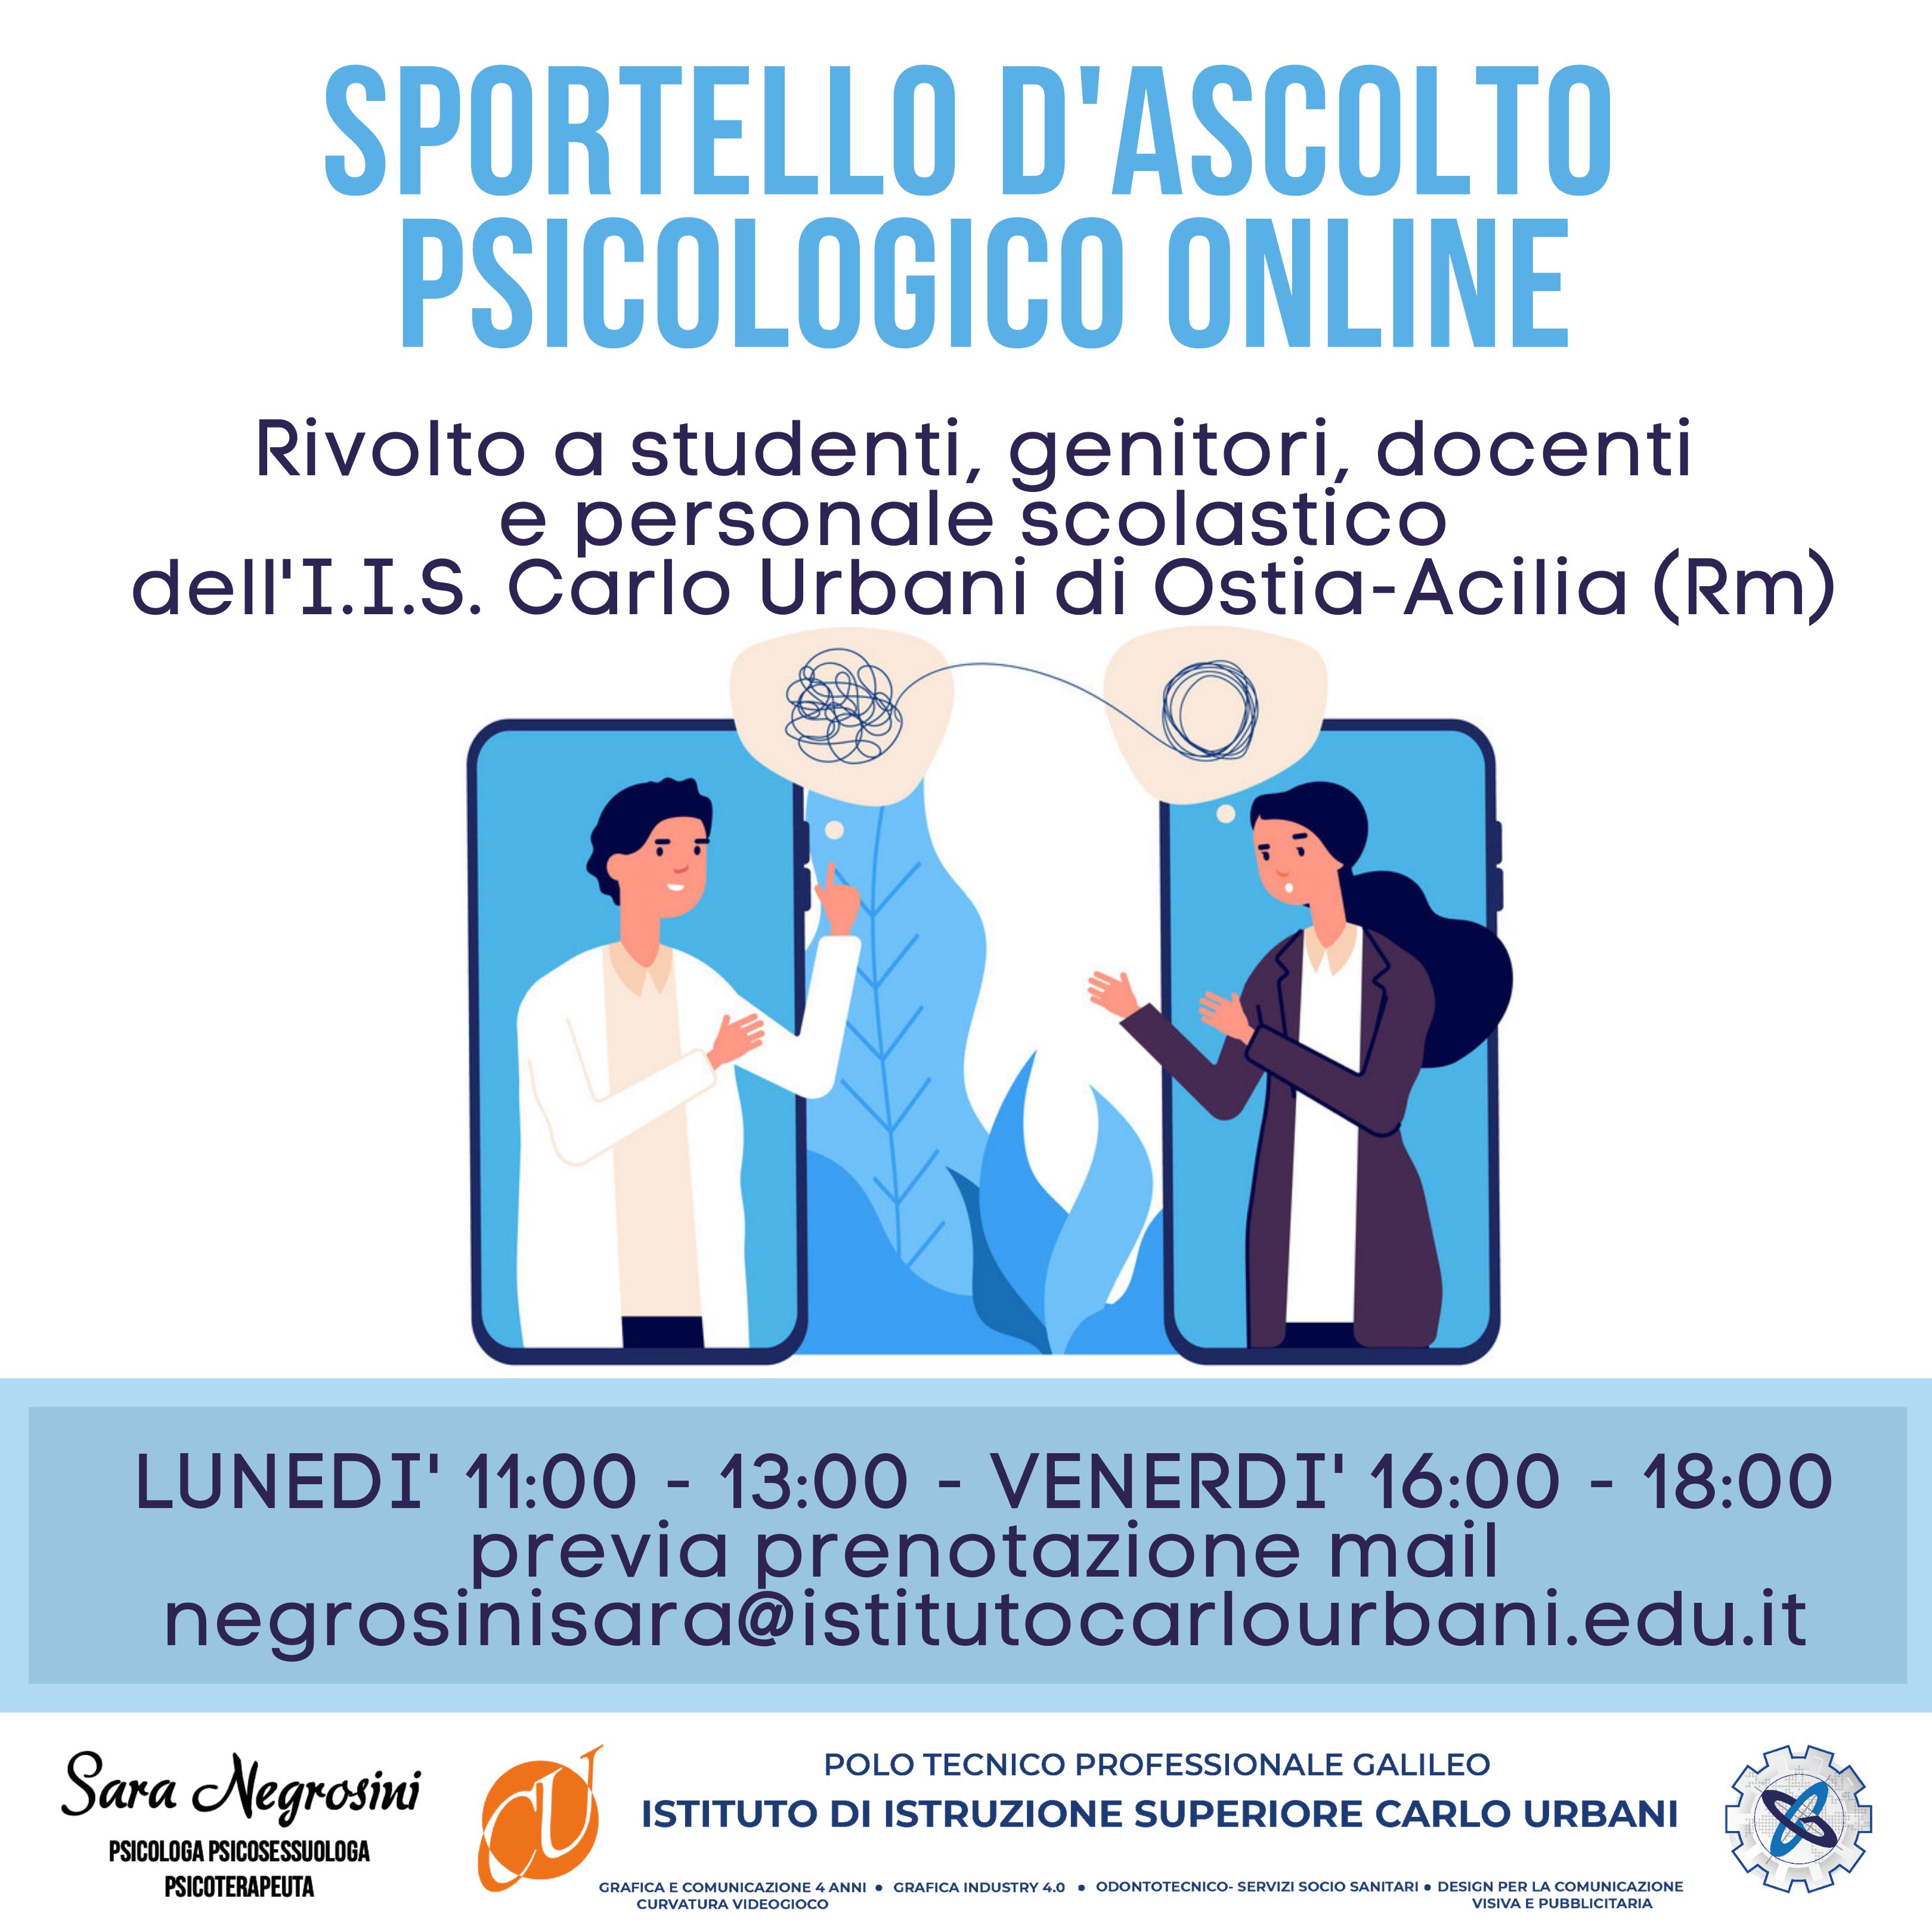 Sportello psicologico online – I.I.S. Carlo Urbani